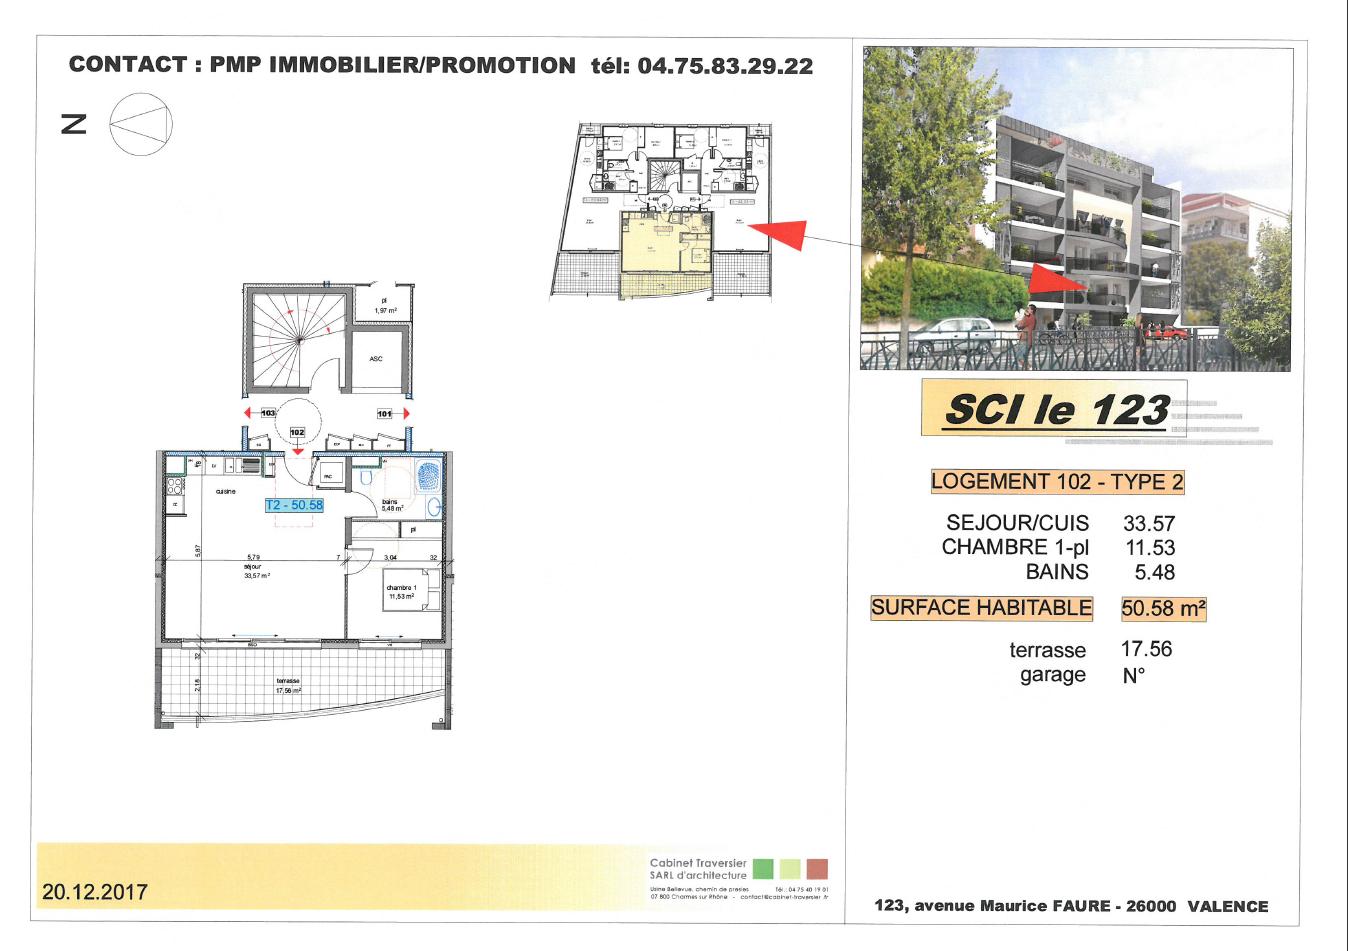 Achat De Maison De Campagne Avec Piscine Glun - Pmp Immobilier destiné Piscine Saint Peray